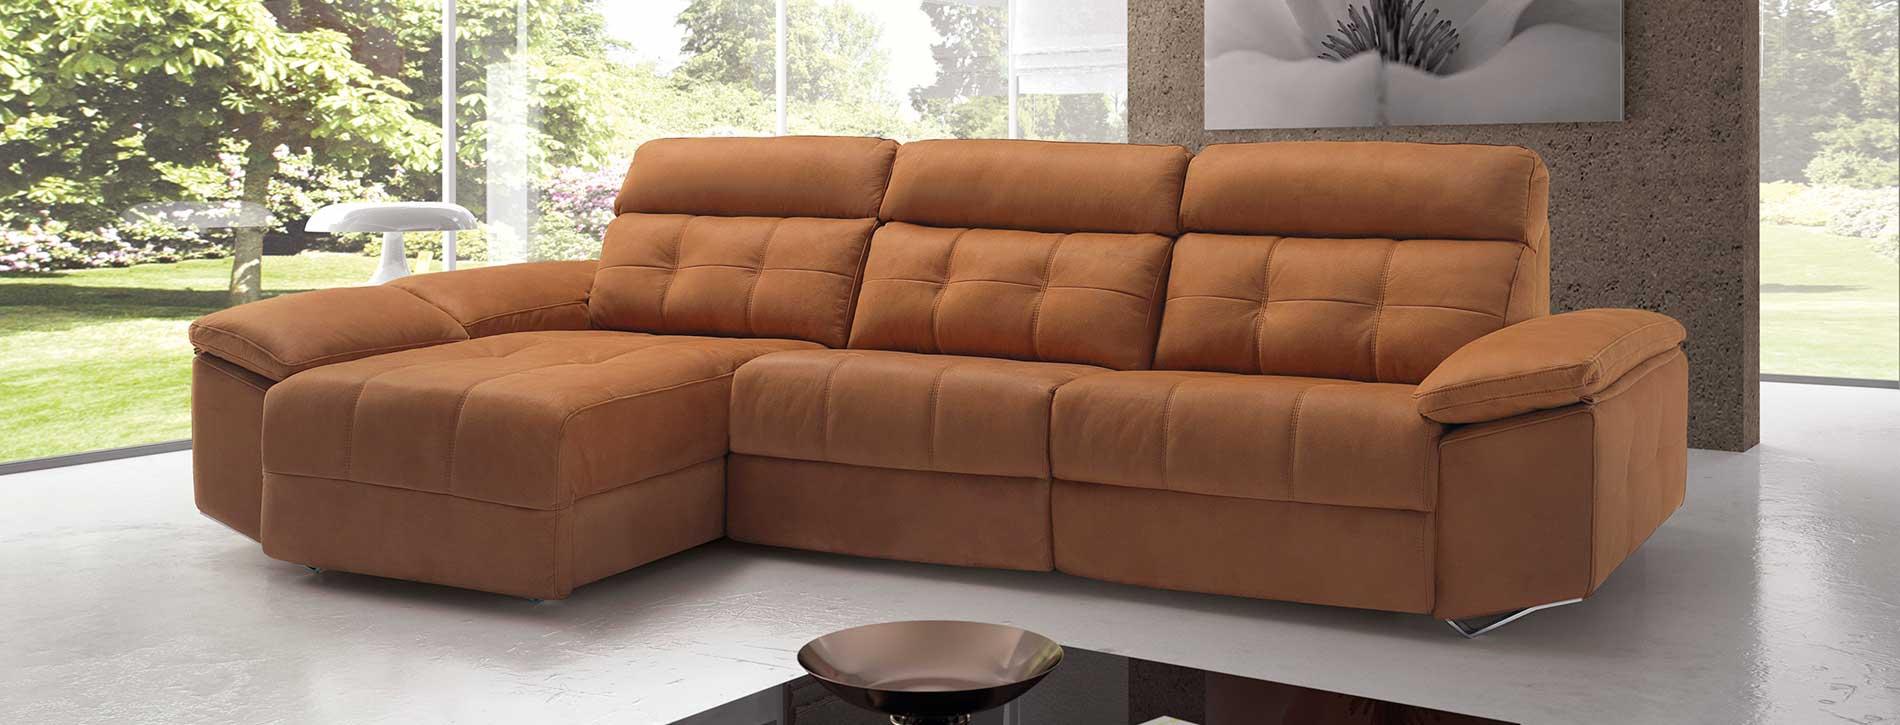 sofas-modernos-General-Divani-muebles-paco-caballero-1824-5cb617a0447de